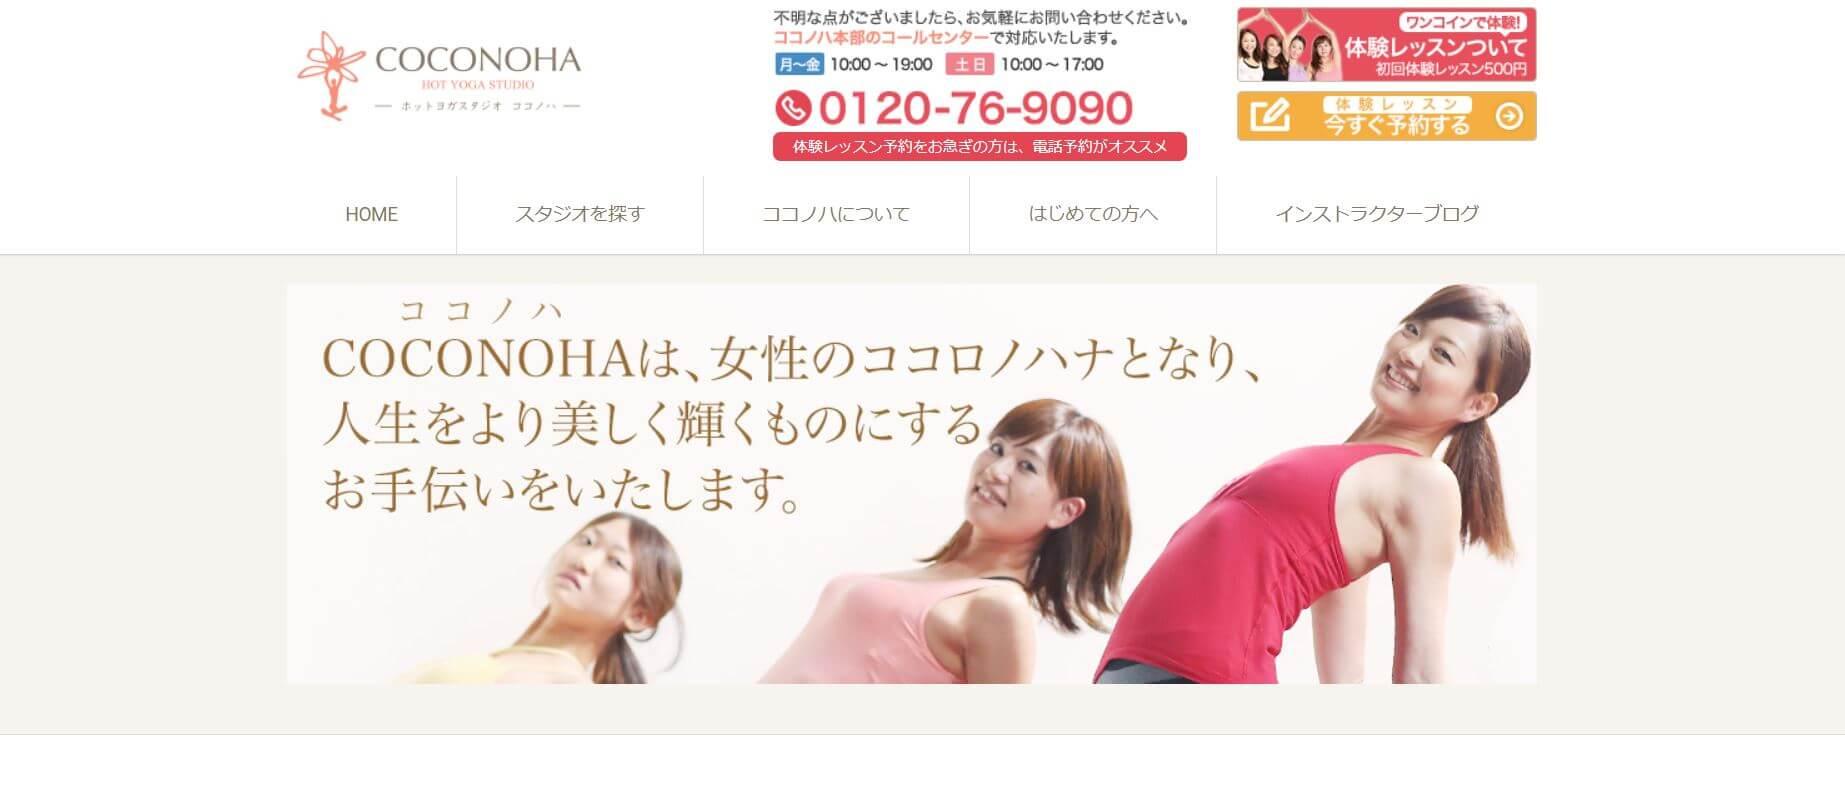 ホットヨガスタジオ COCONOHA